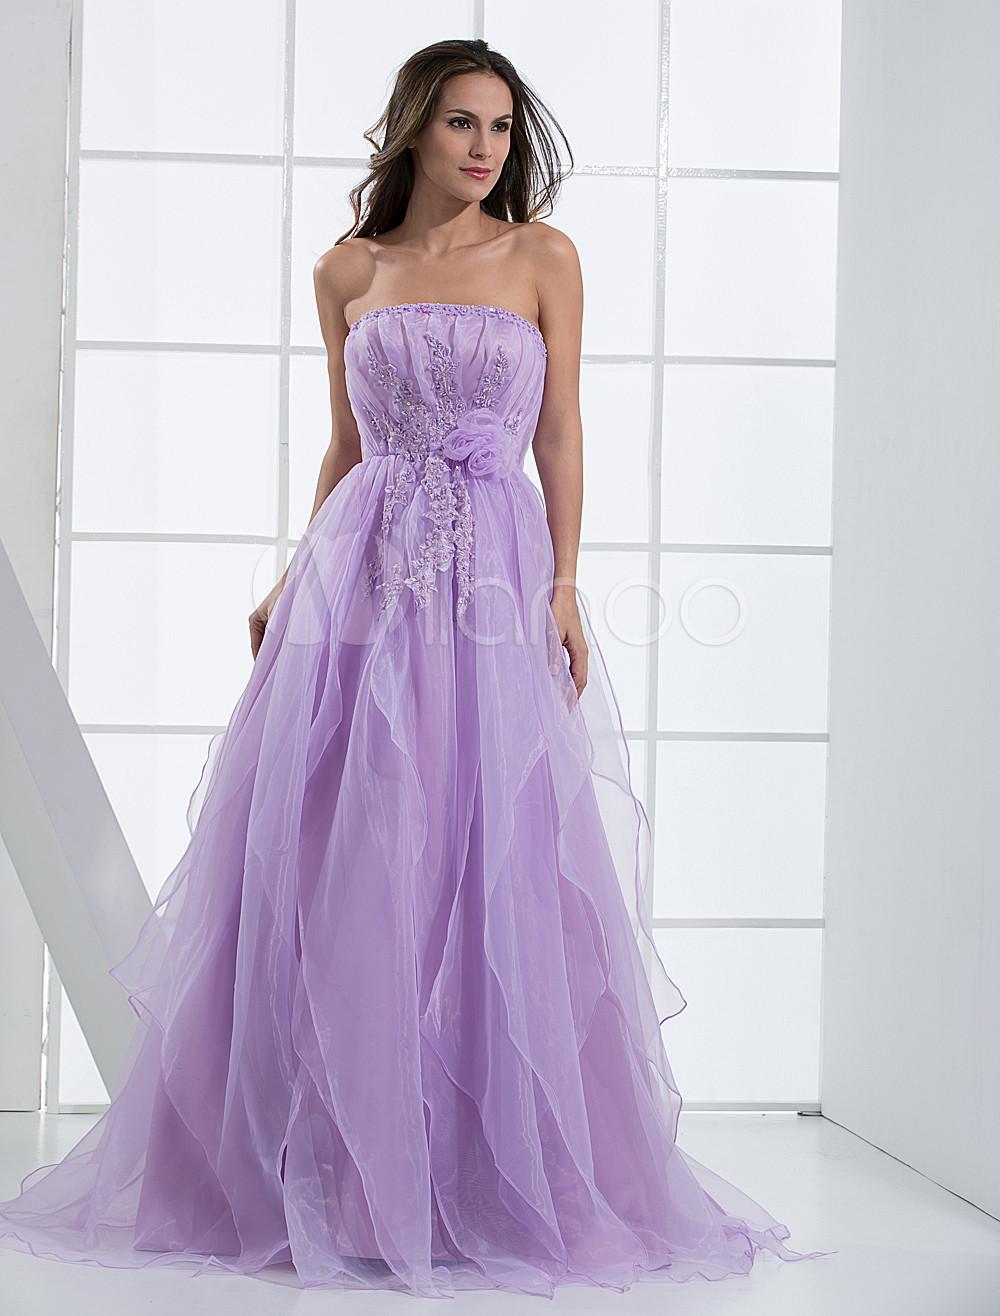 Vestido de fiesta de organza con escote palabra de honor - Milanoo.com